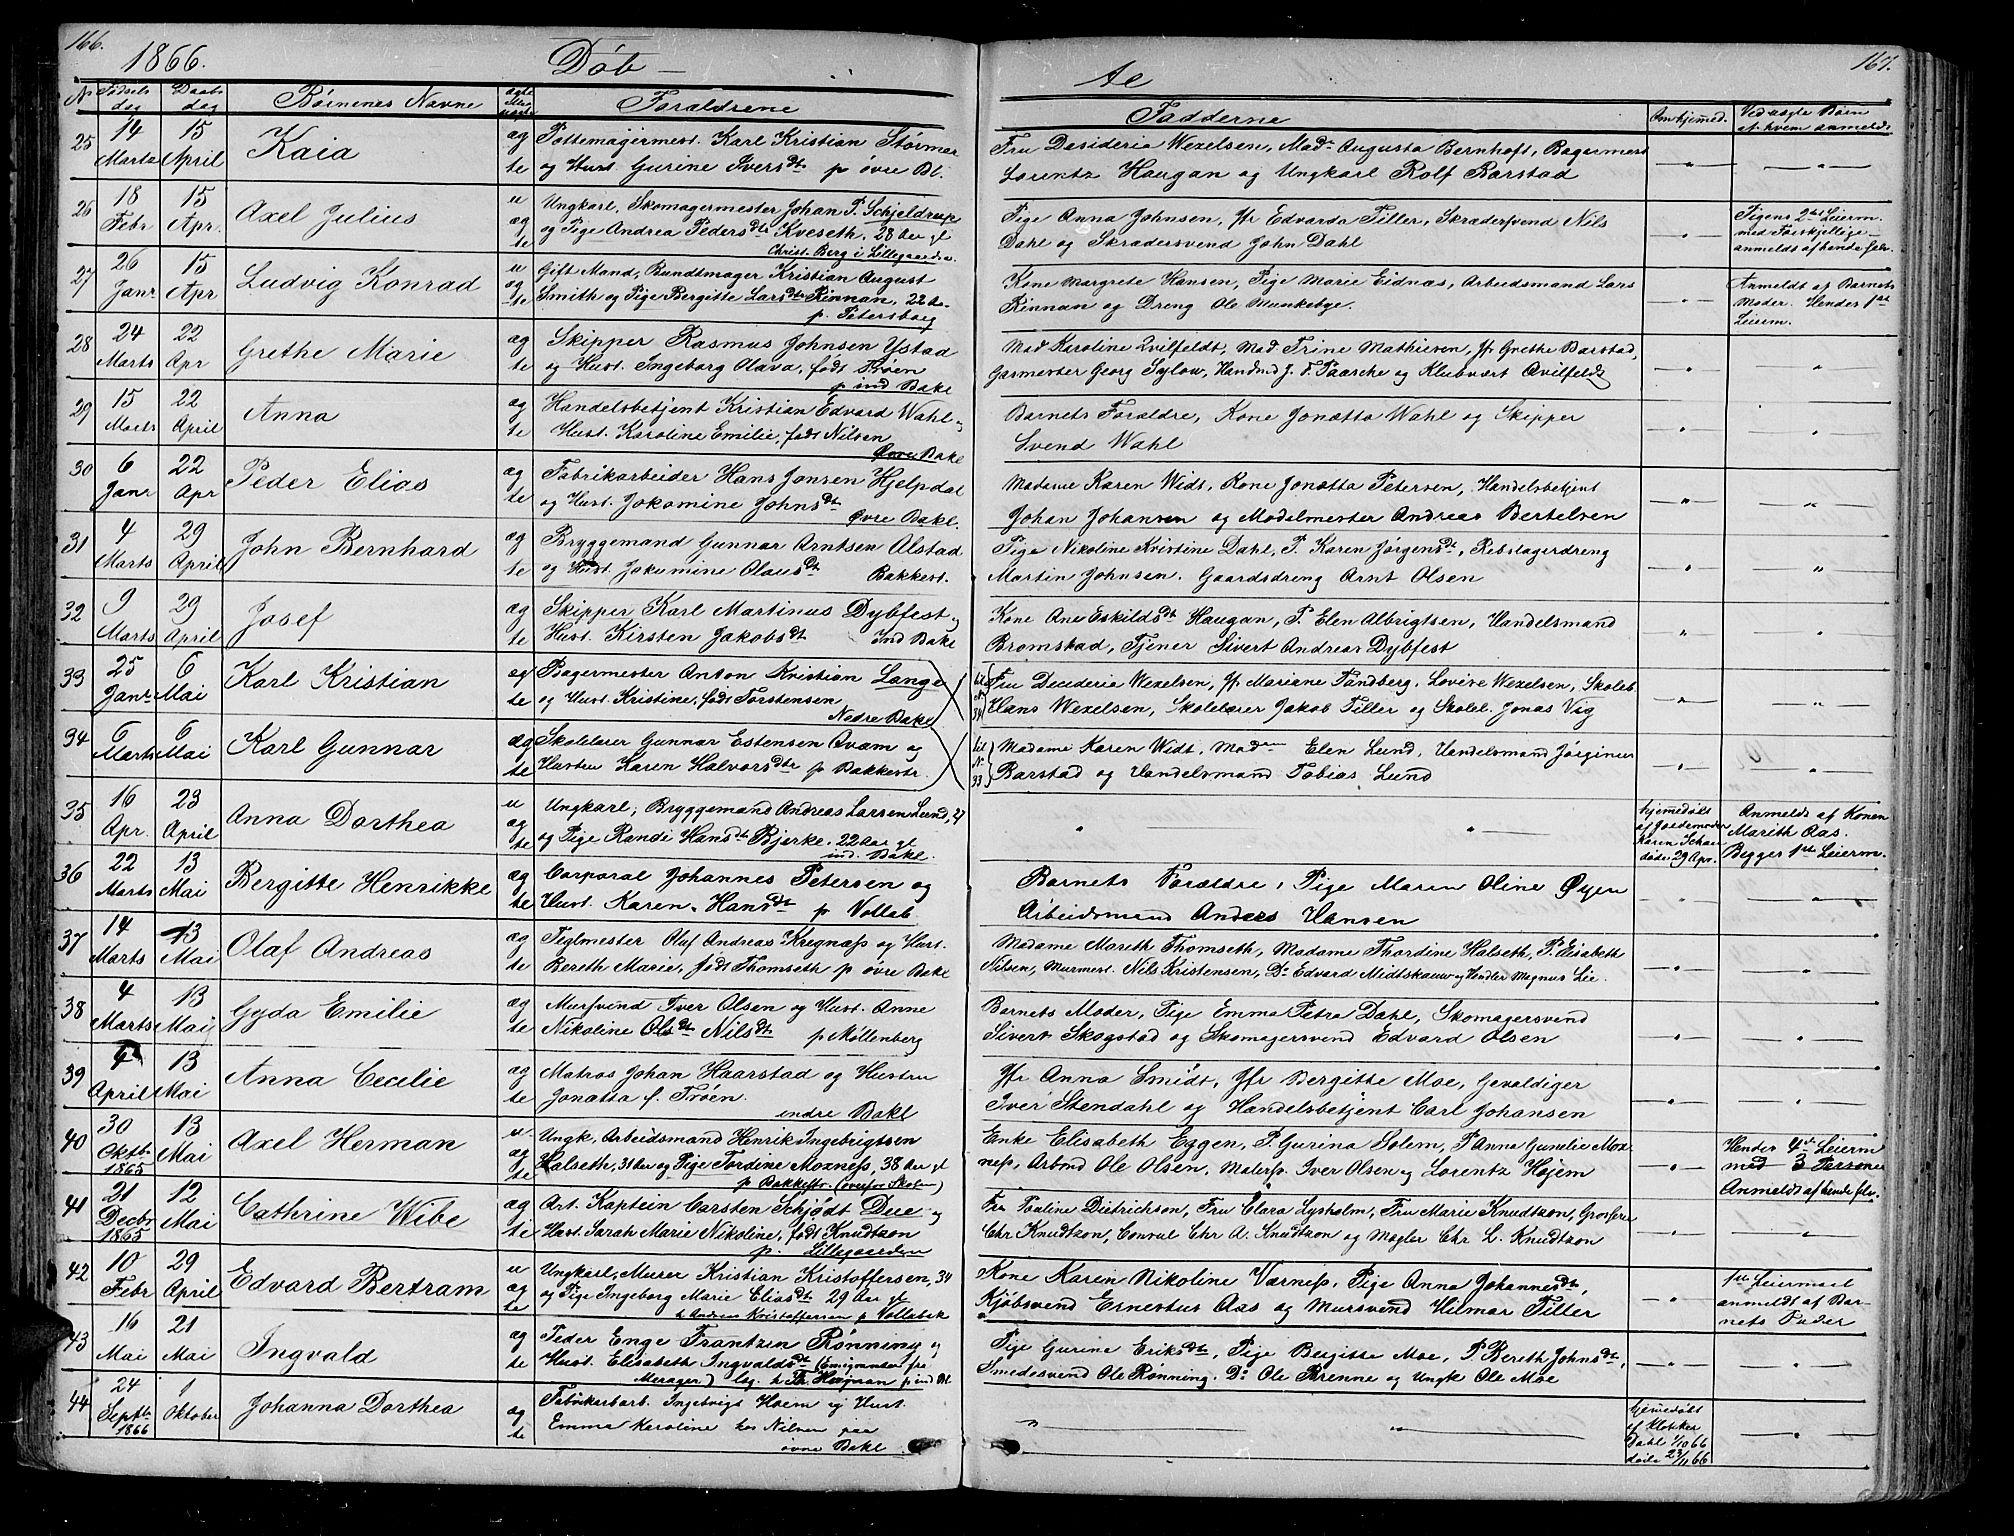 SAT, Ministerialprotokoller, klokkerbøker og fødselsregistre - Sør-Trøndelag, 604/L0219: Klokkerbok nr. 604C02, 1851-1869, s. 166-167